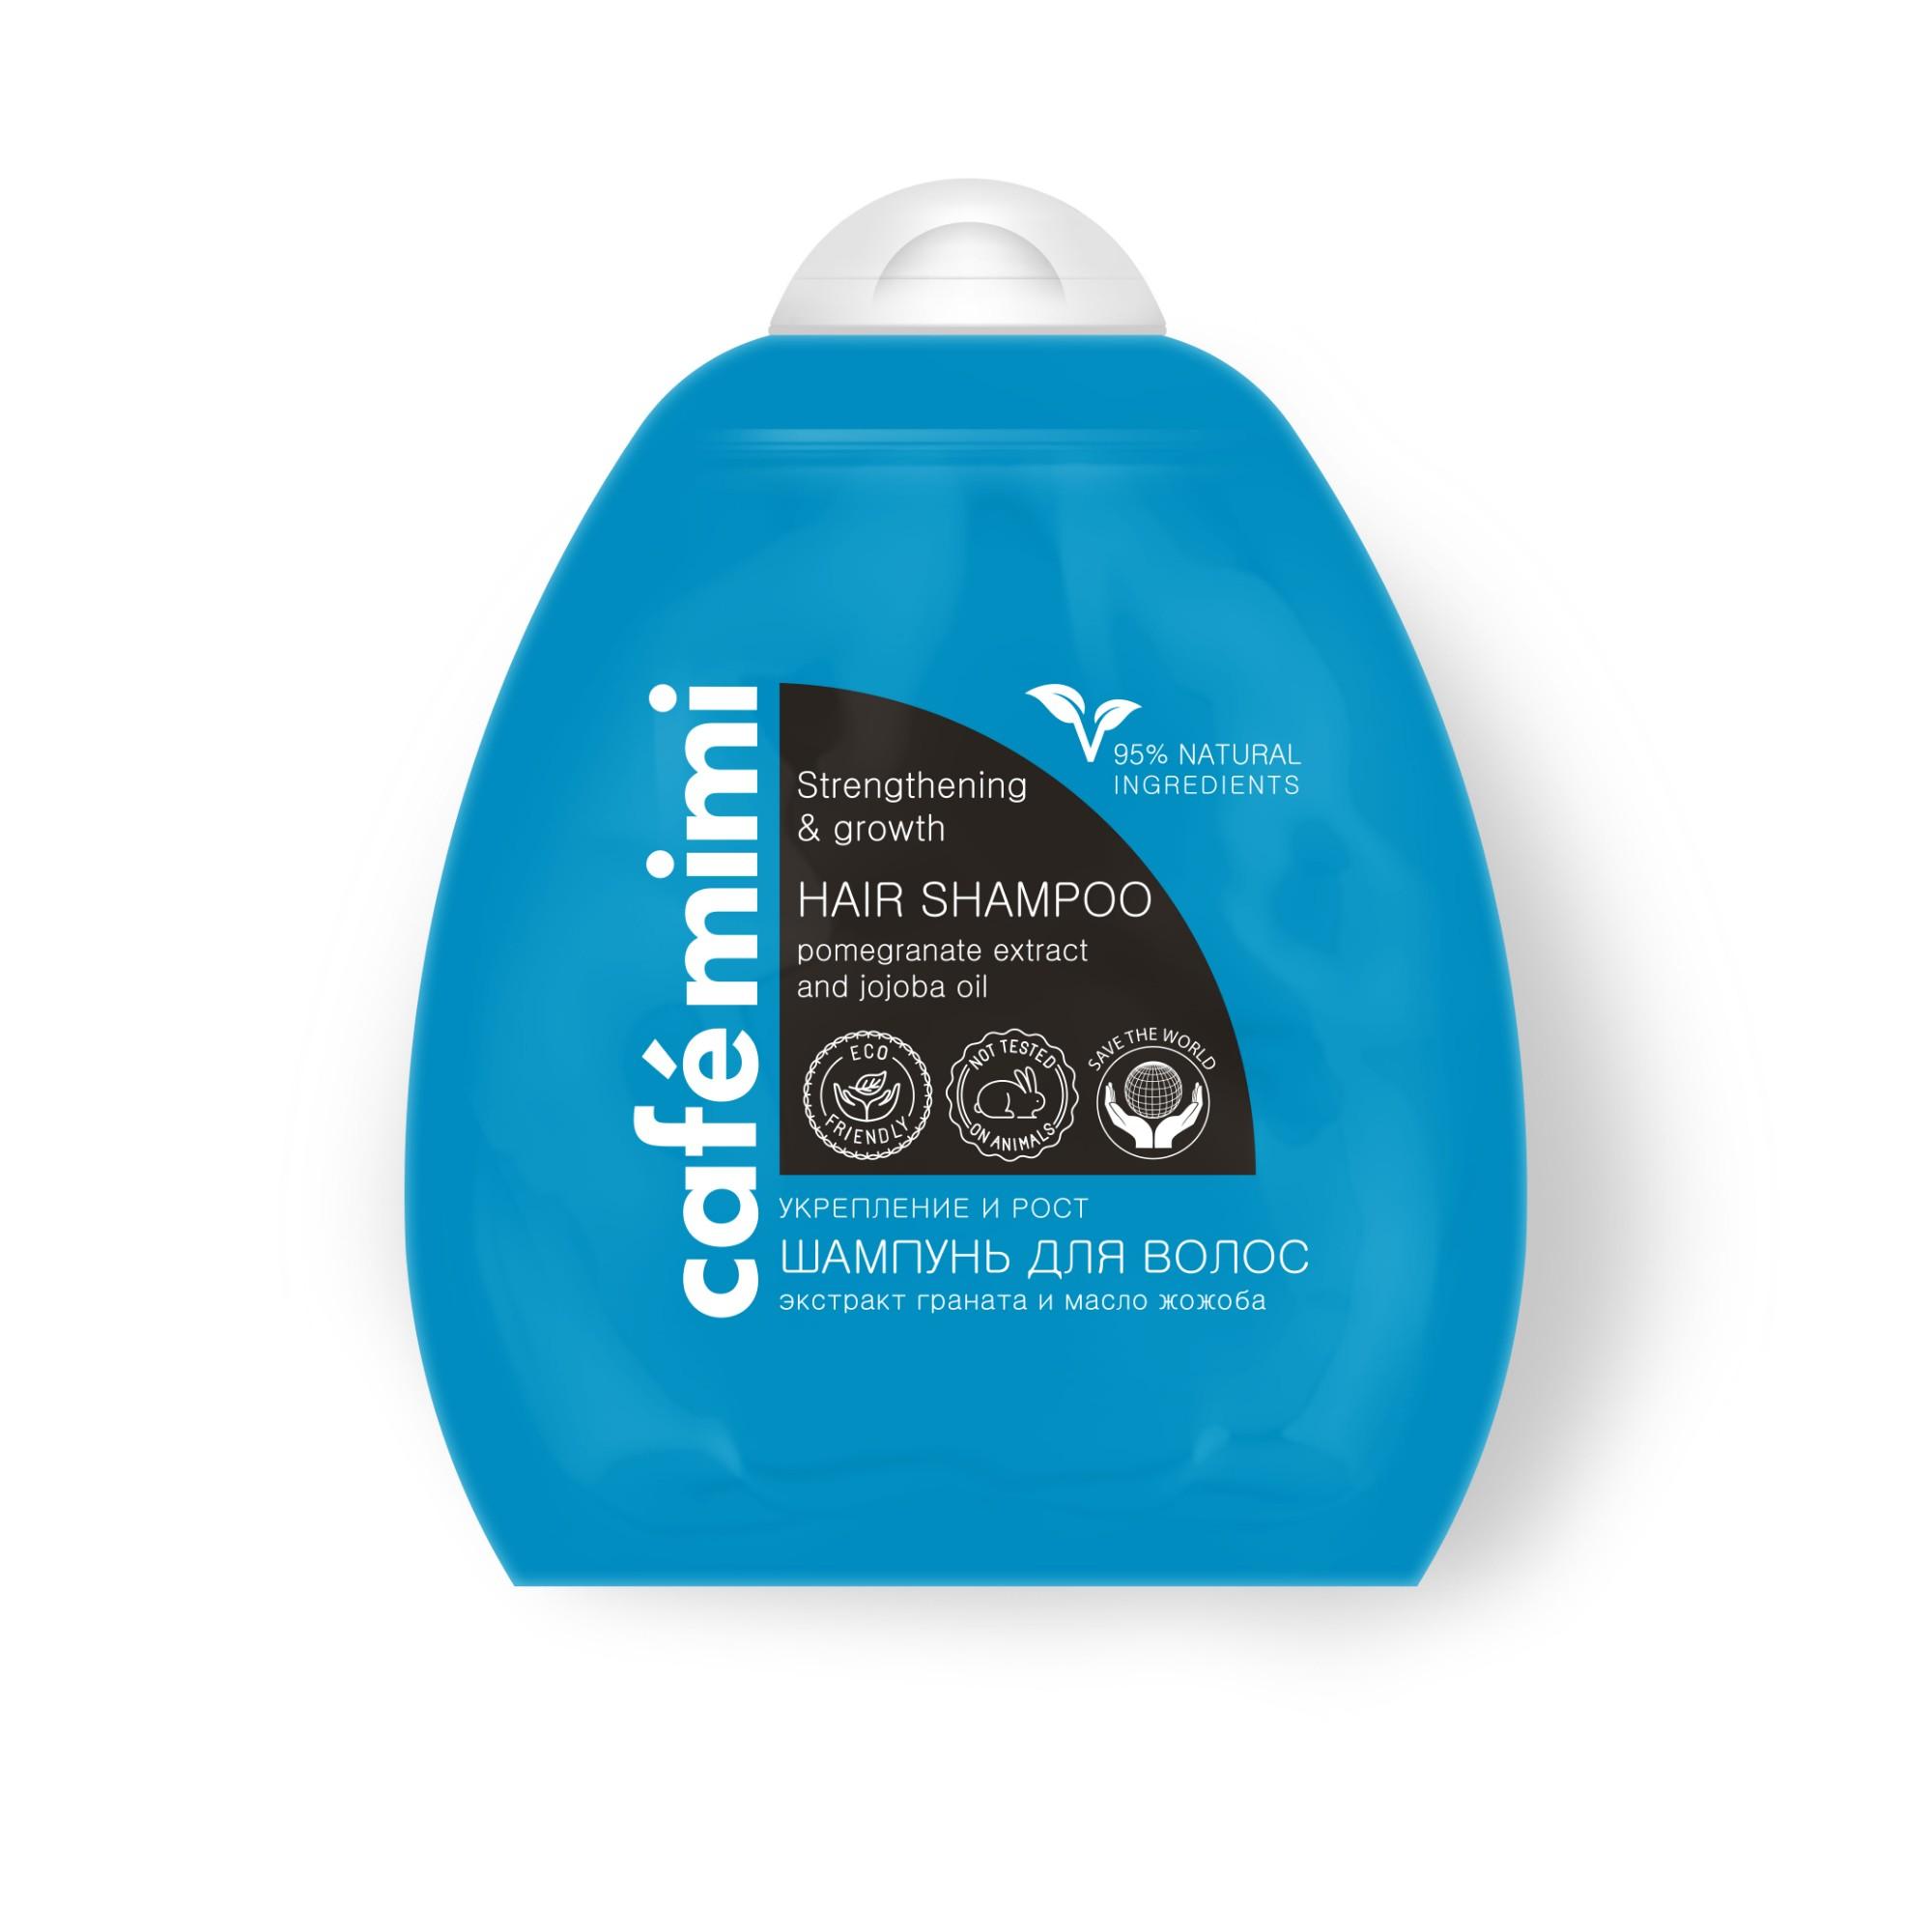 Stiprinamasis šampūnas CAFĖ MIMI skatinantis plaukų augimą, 250 ml